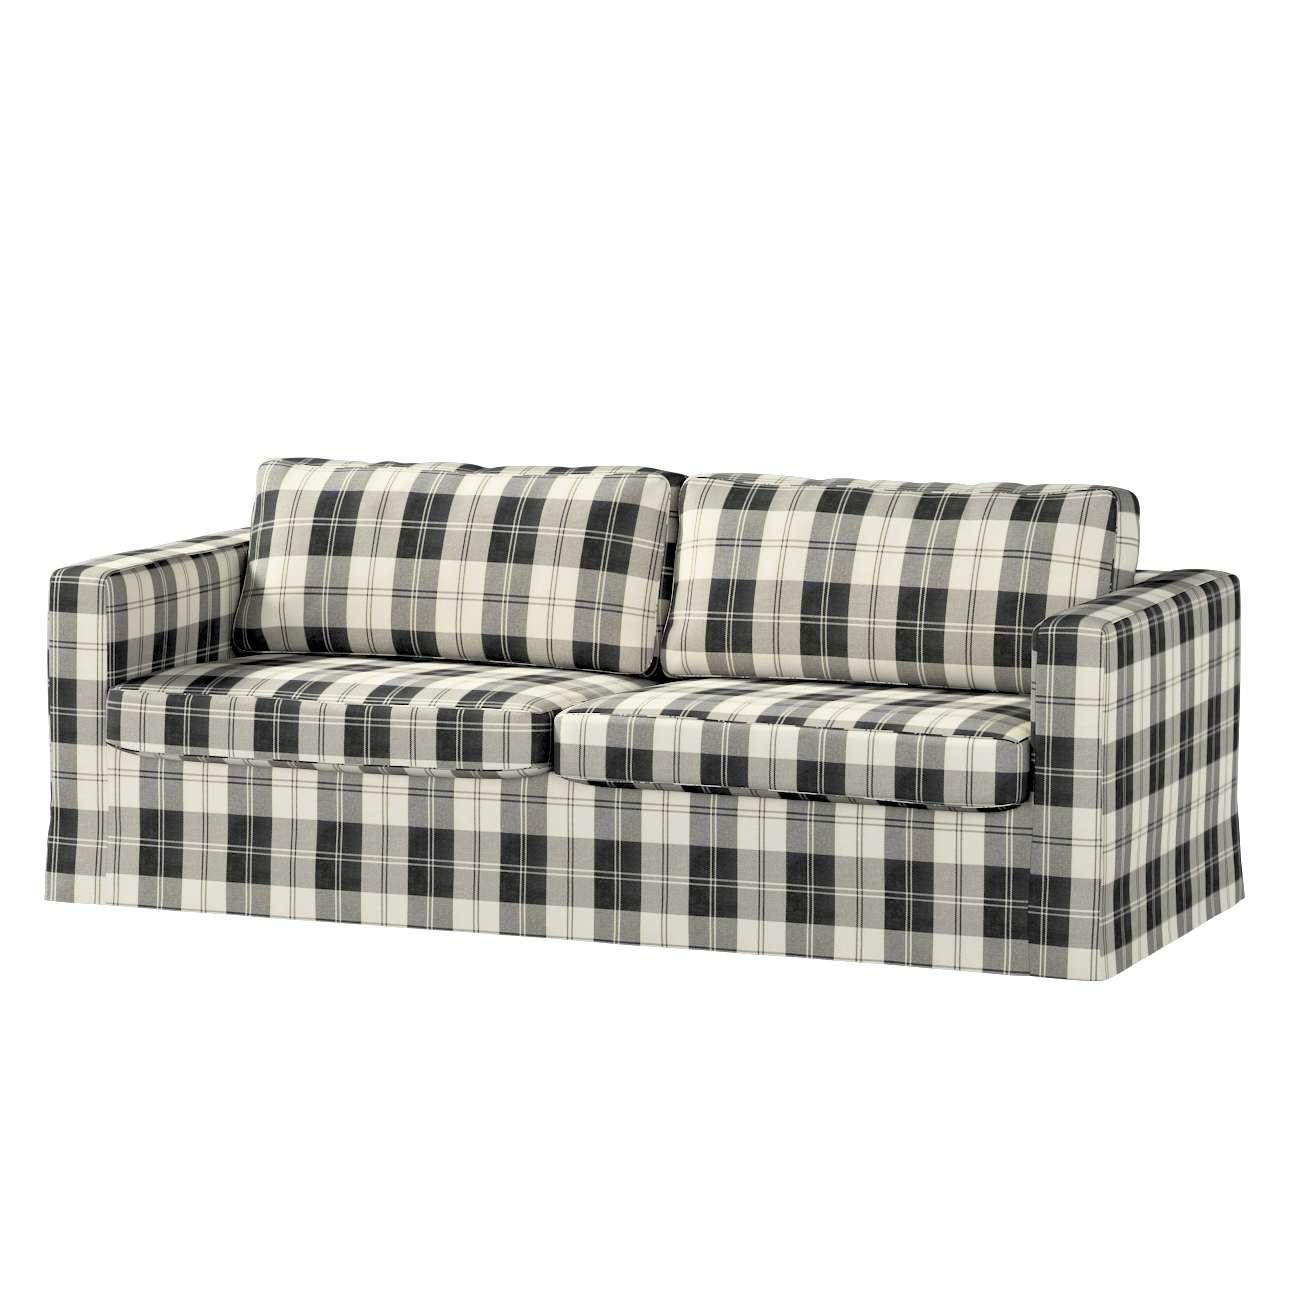 Poťah na sedačku Karlstad (nerozkladá sa, pre 3 osoby, dlhá) Poťah na sedačku Karlstad - pre 3 osoby, nerozkladá sa, dlhá V kolekcii Edinburg, tkanina: 115-74